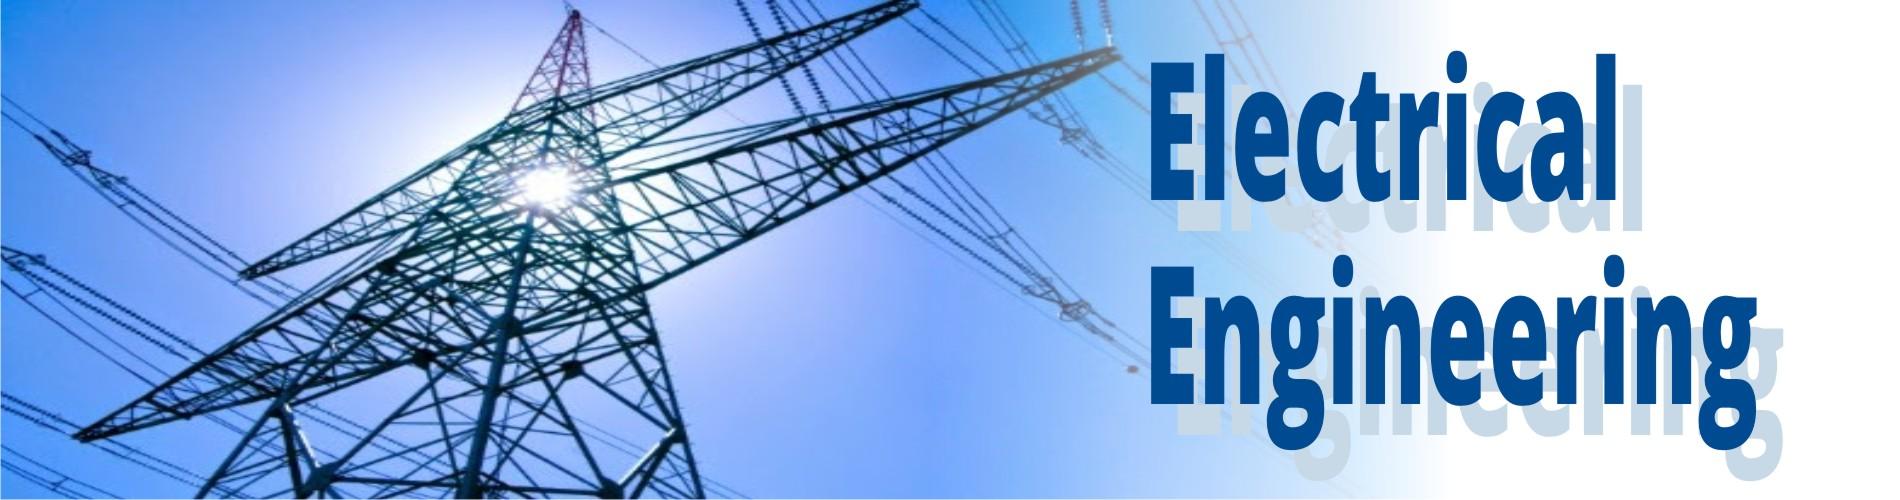 prodi teknik elektro - universitas kahuripan kediri - kampung inggris